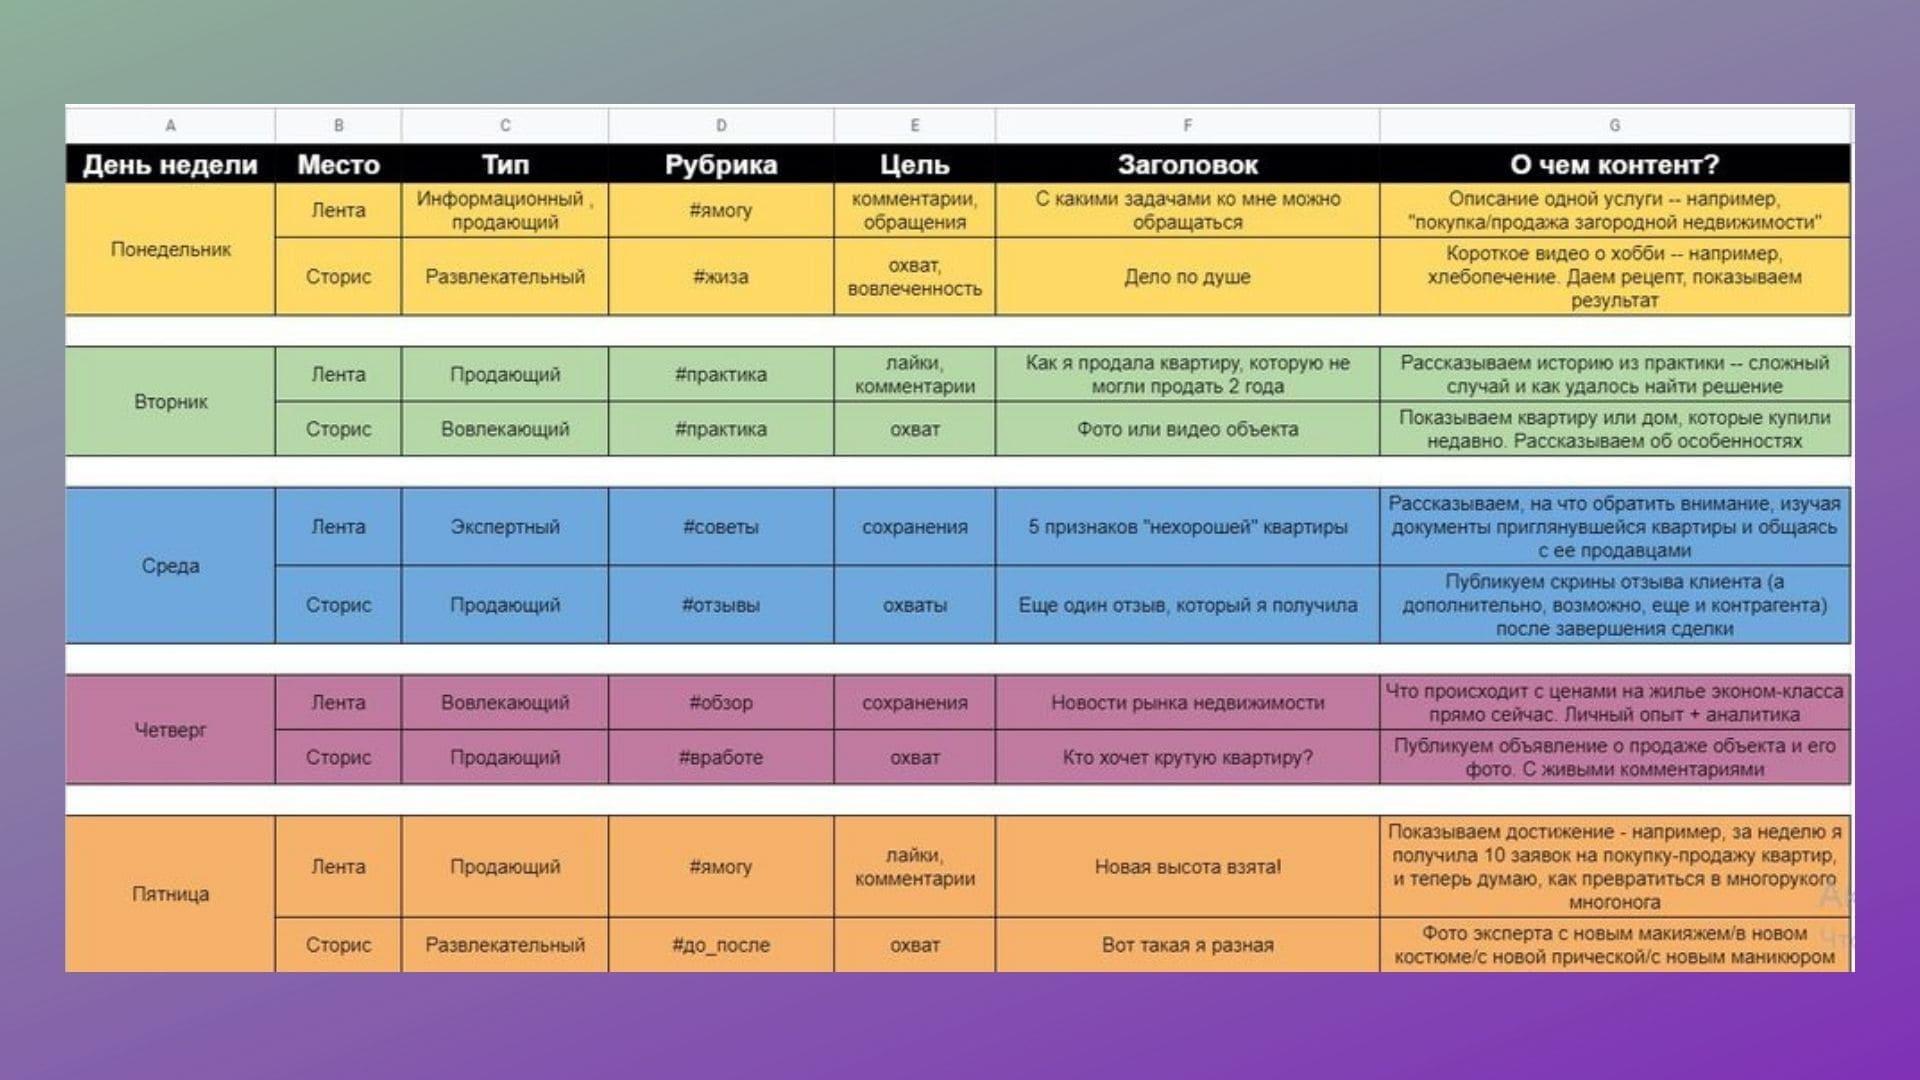 Все контент-планы от SMMplanner проработаны: в таблице вы найдете тип контента, рубрику, цель, заголовок и краткое описание содержания